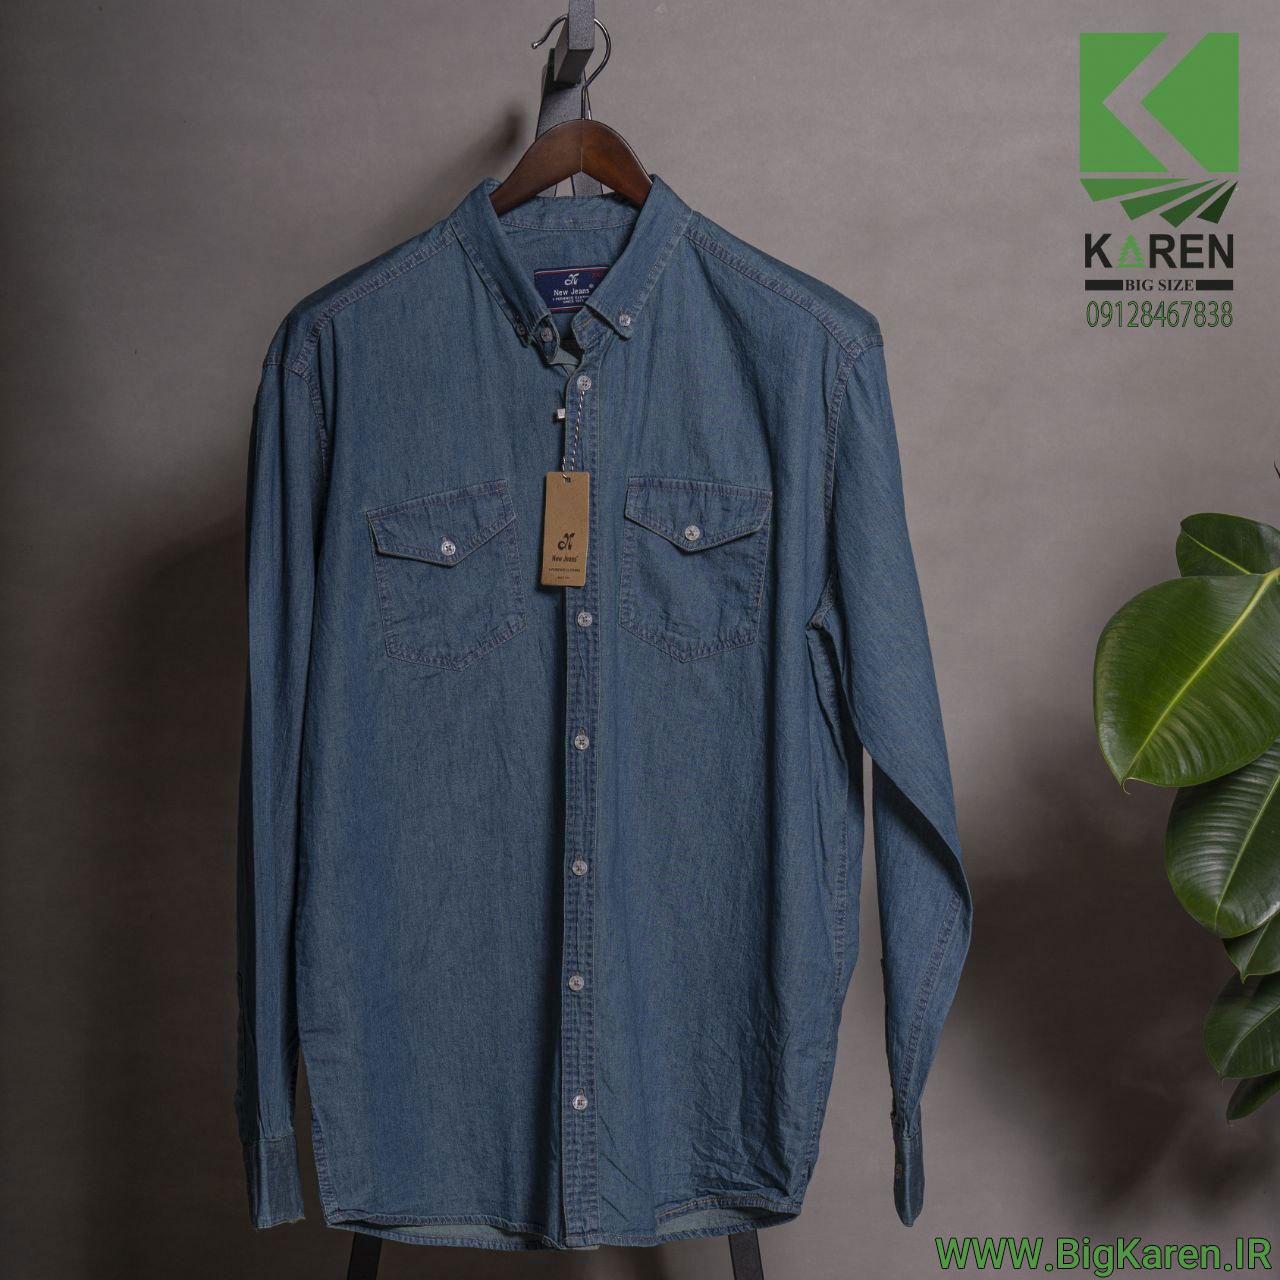 پیراهن سایز بزرگ جین مردانه دو جیب رنگ سبز آبی خرید اینترنتی از سایت بیگ کارن